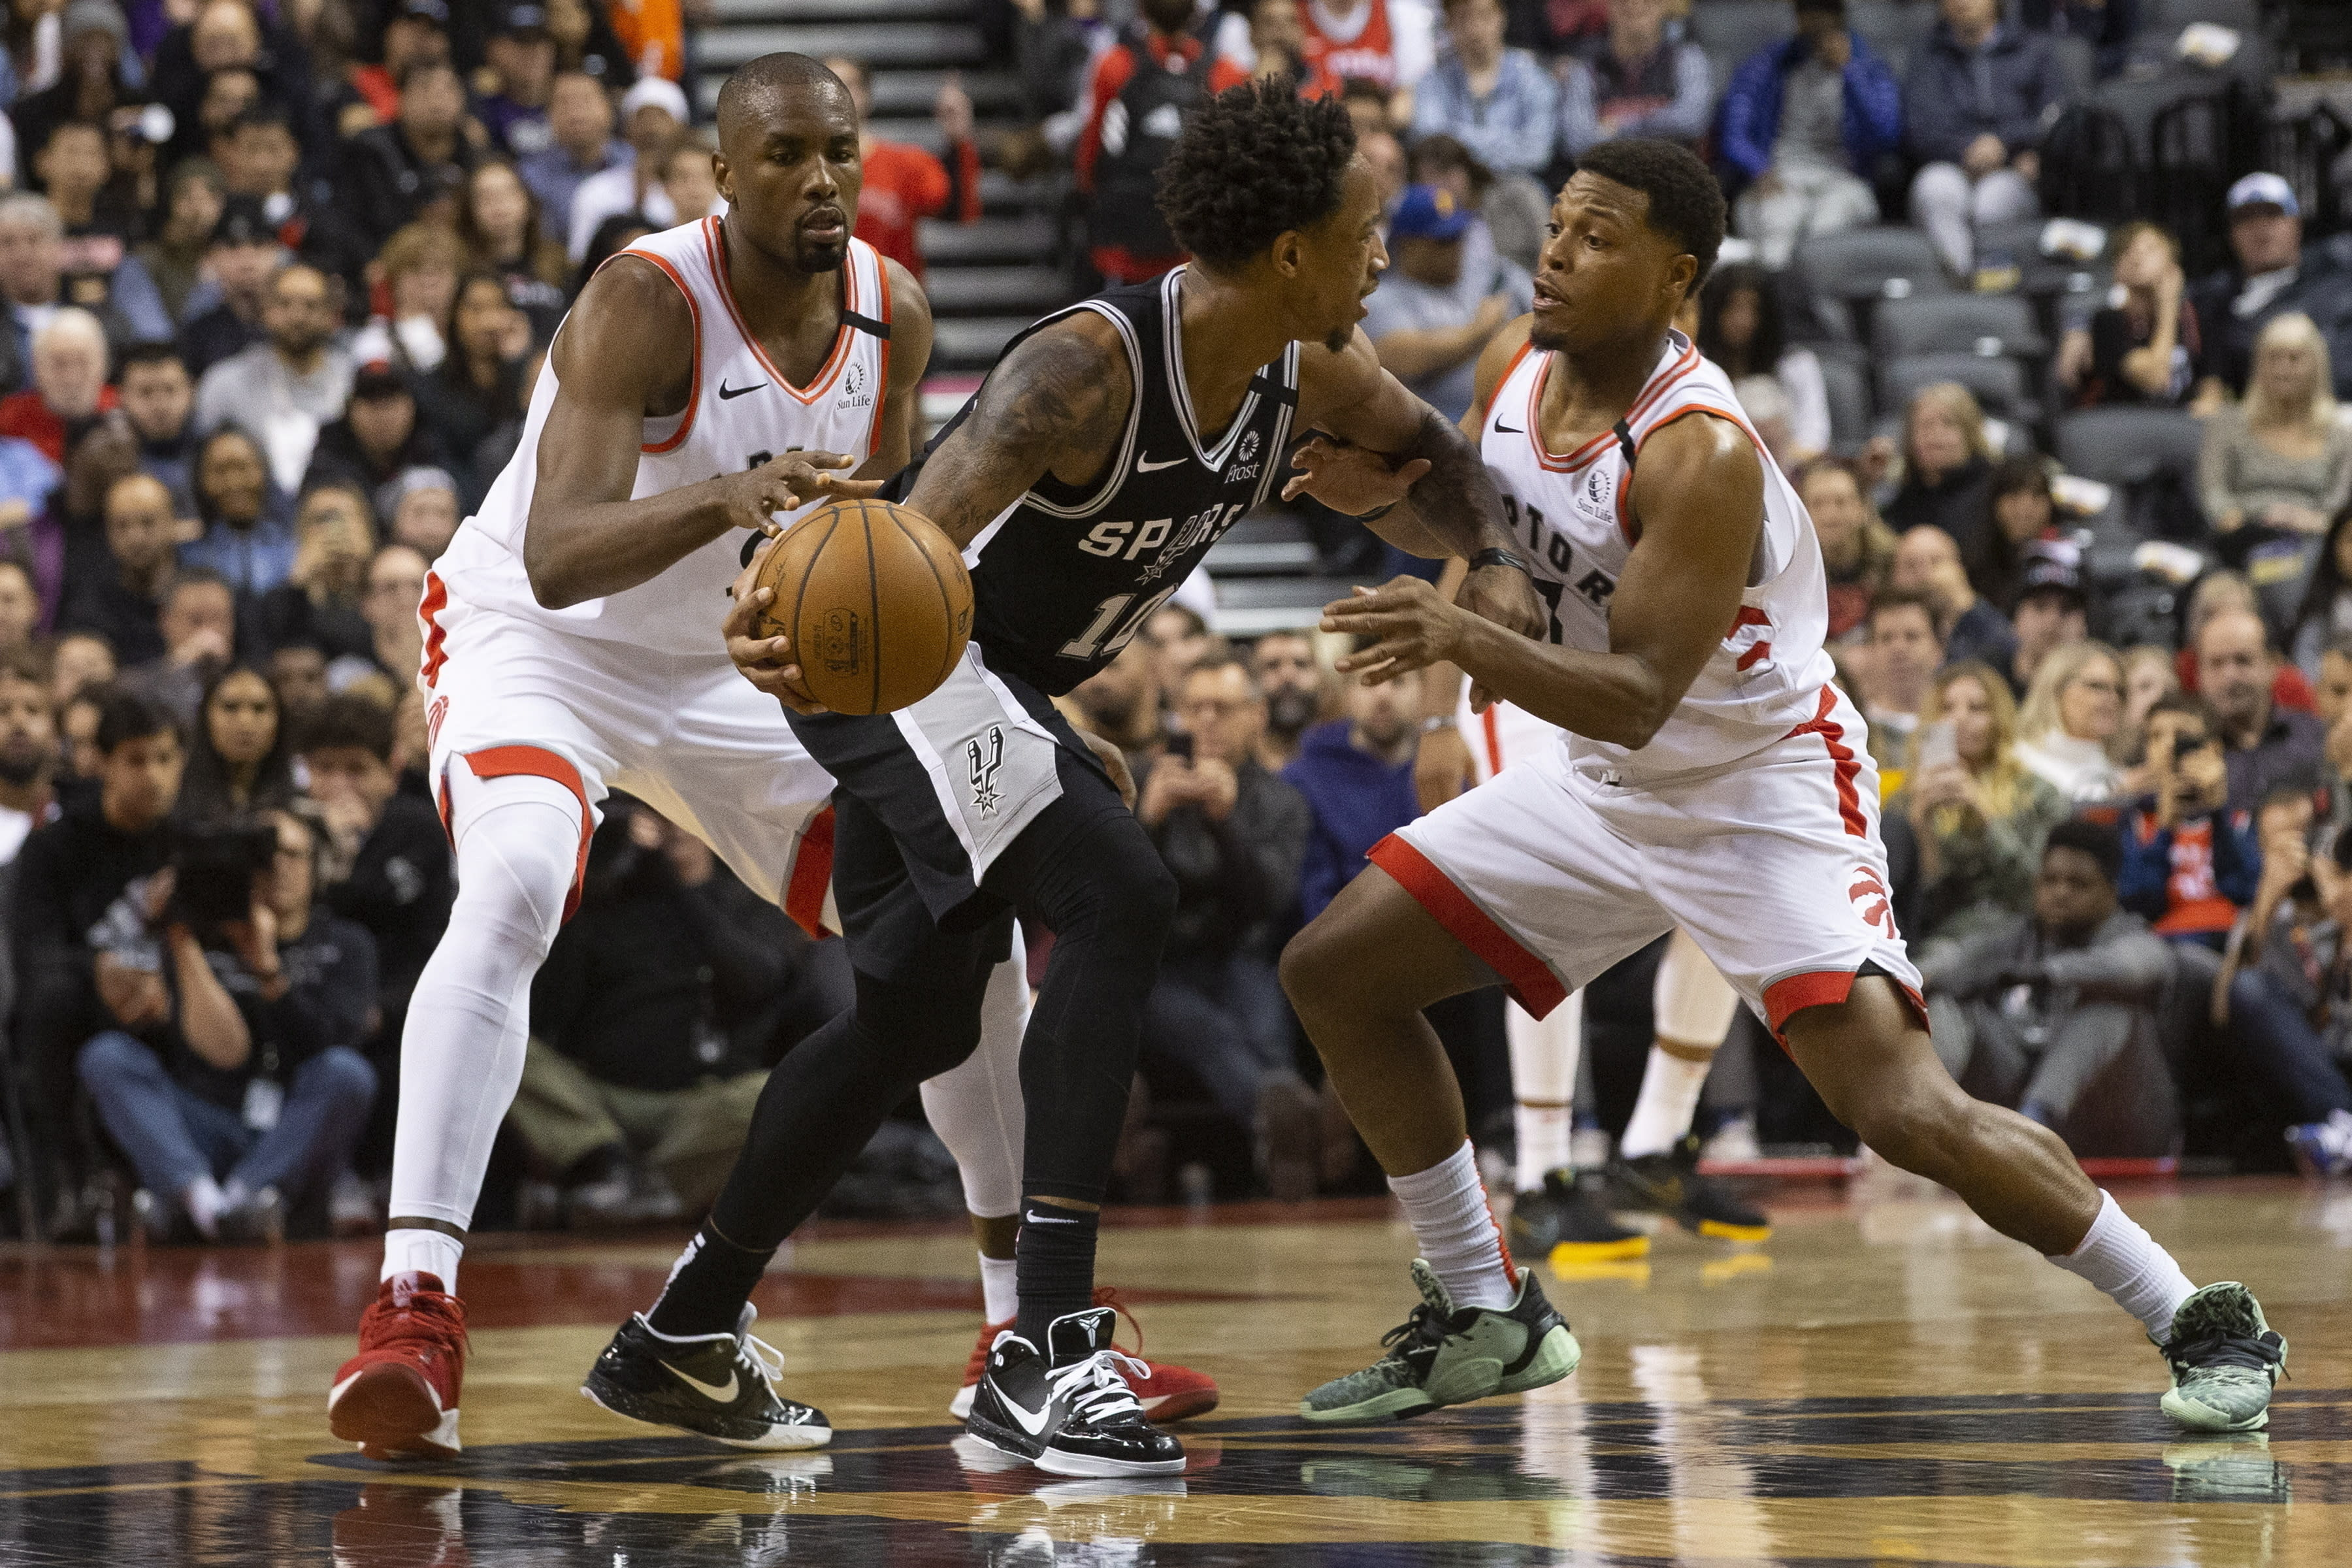 DeMar DeRozan, de los Spurs de San Antonio, conduce el balón entre Kyle Lowry (derecha) y Serge Ibaka, de los Raptors de Toronto, durante el partido del domingo 12 de enero de 2020 (Chris Young/The Canadian Press via AP)